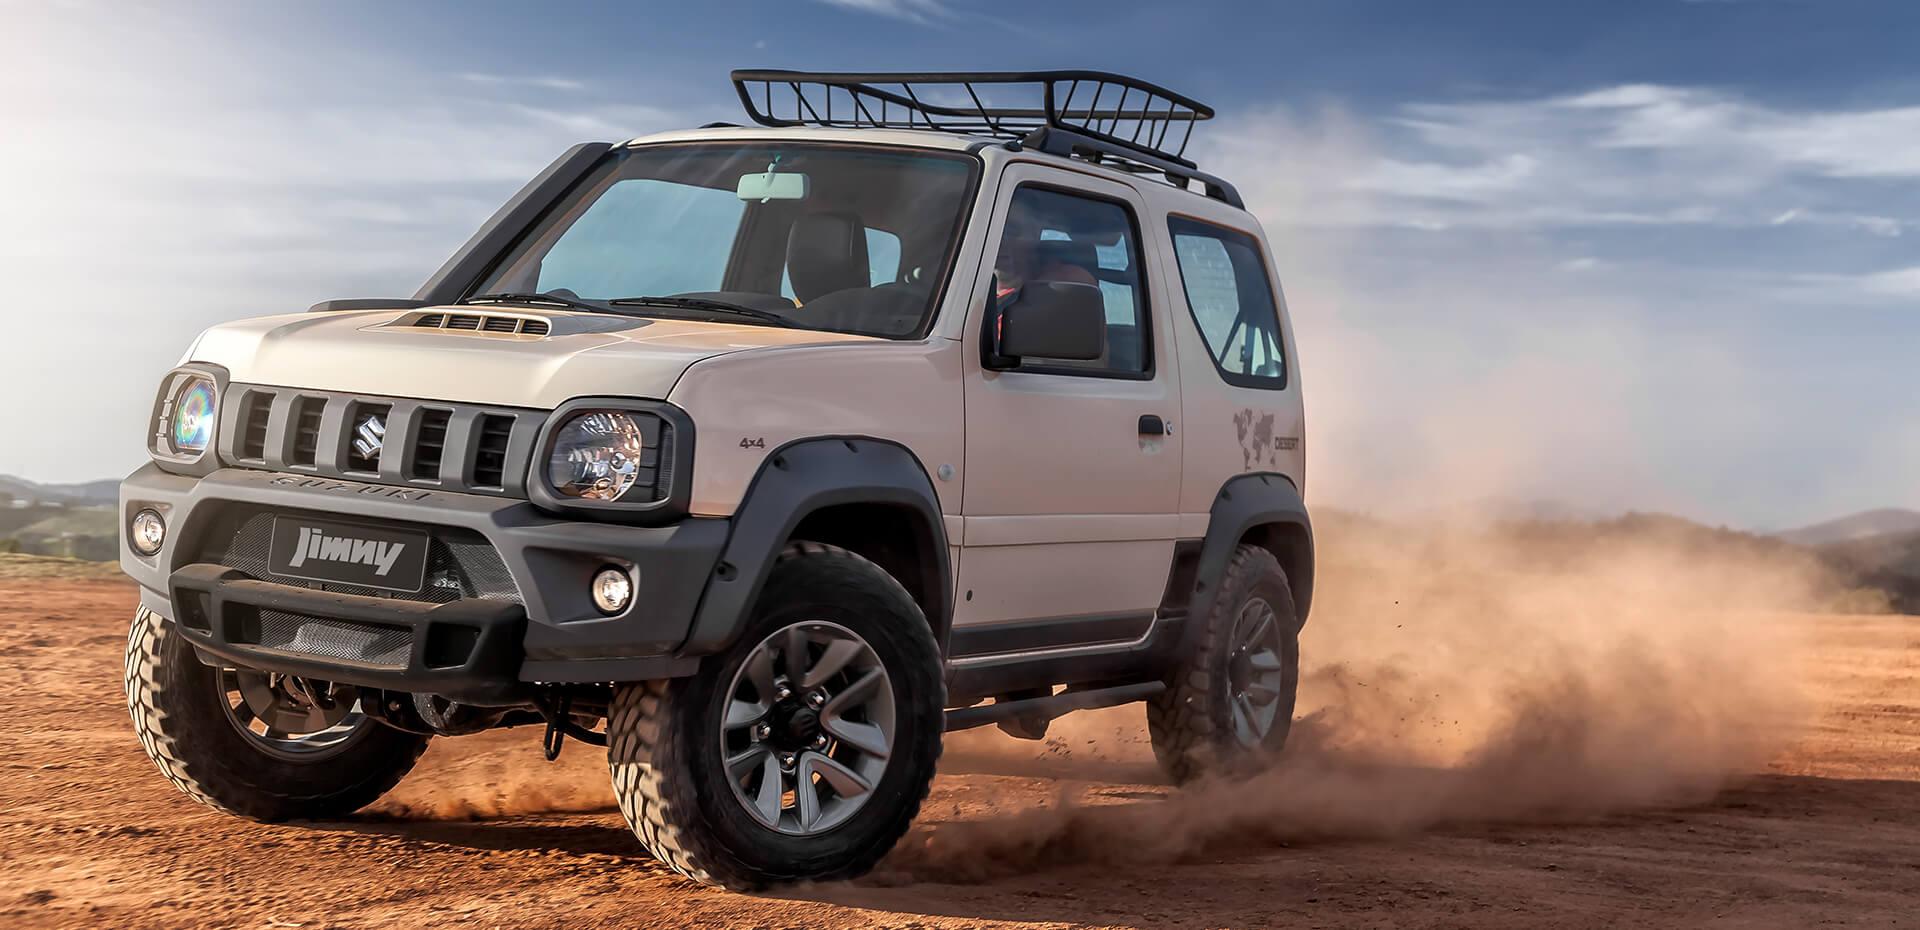 Suzuki JIMNY DESERT 7